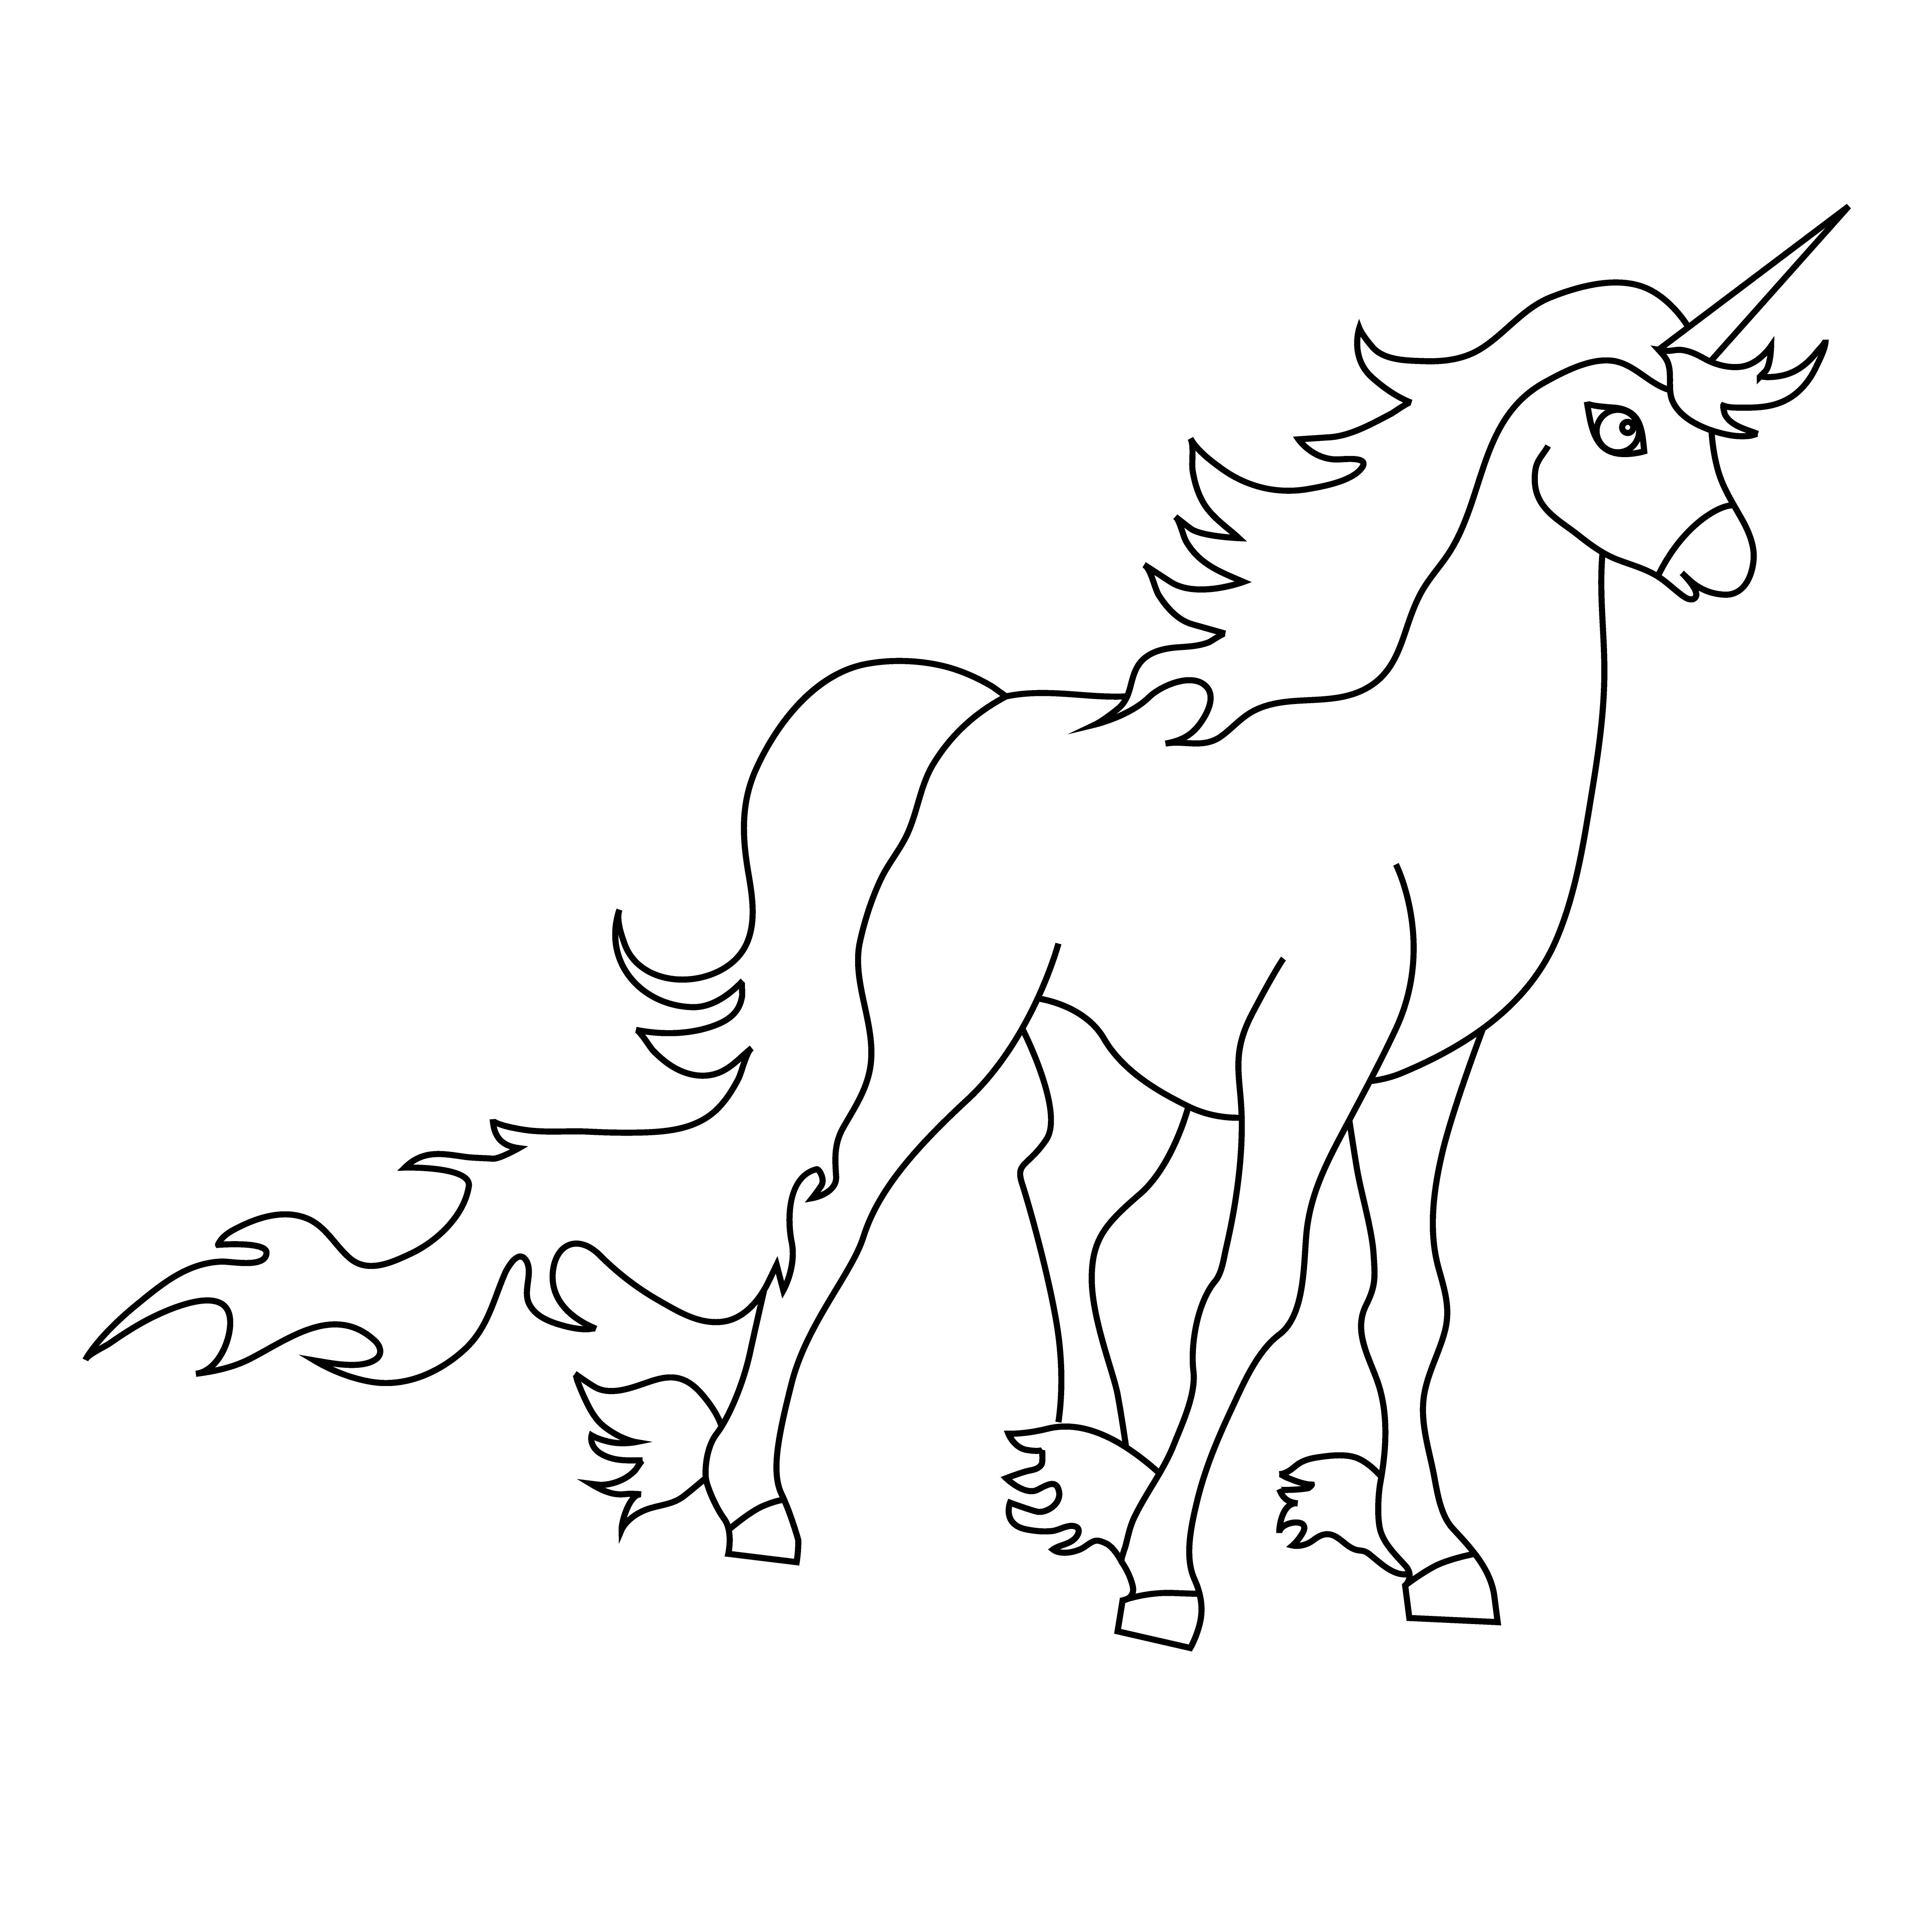 Единорог неоновый и  линейный